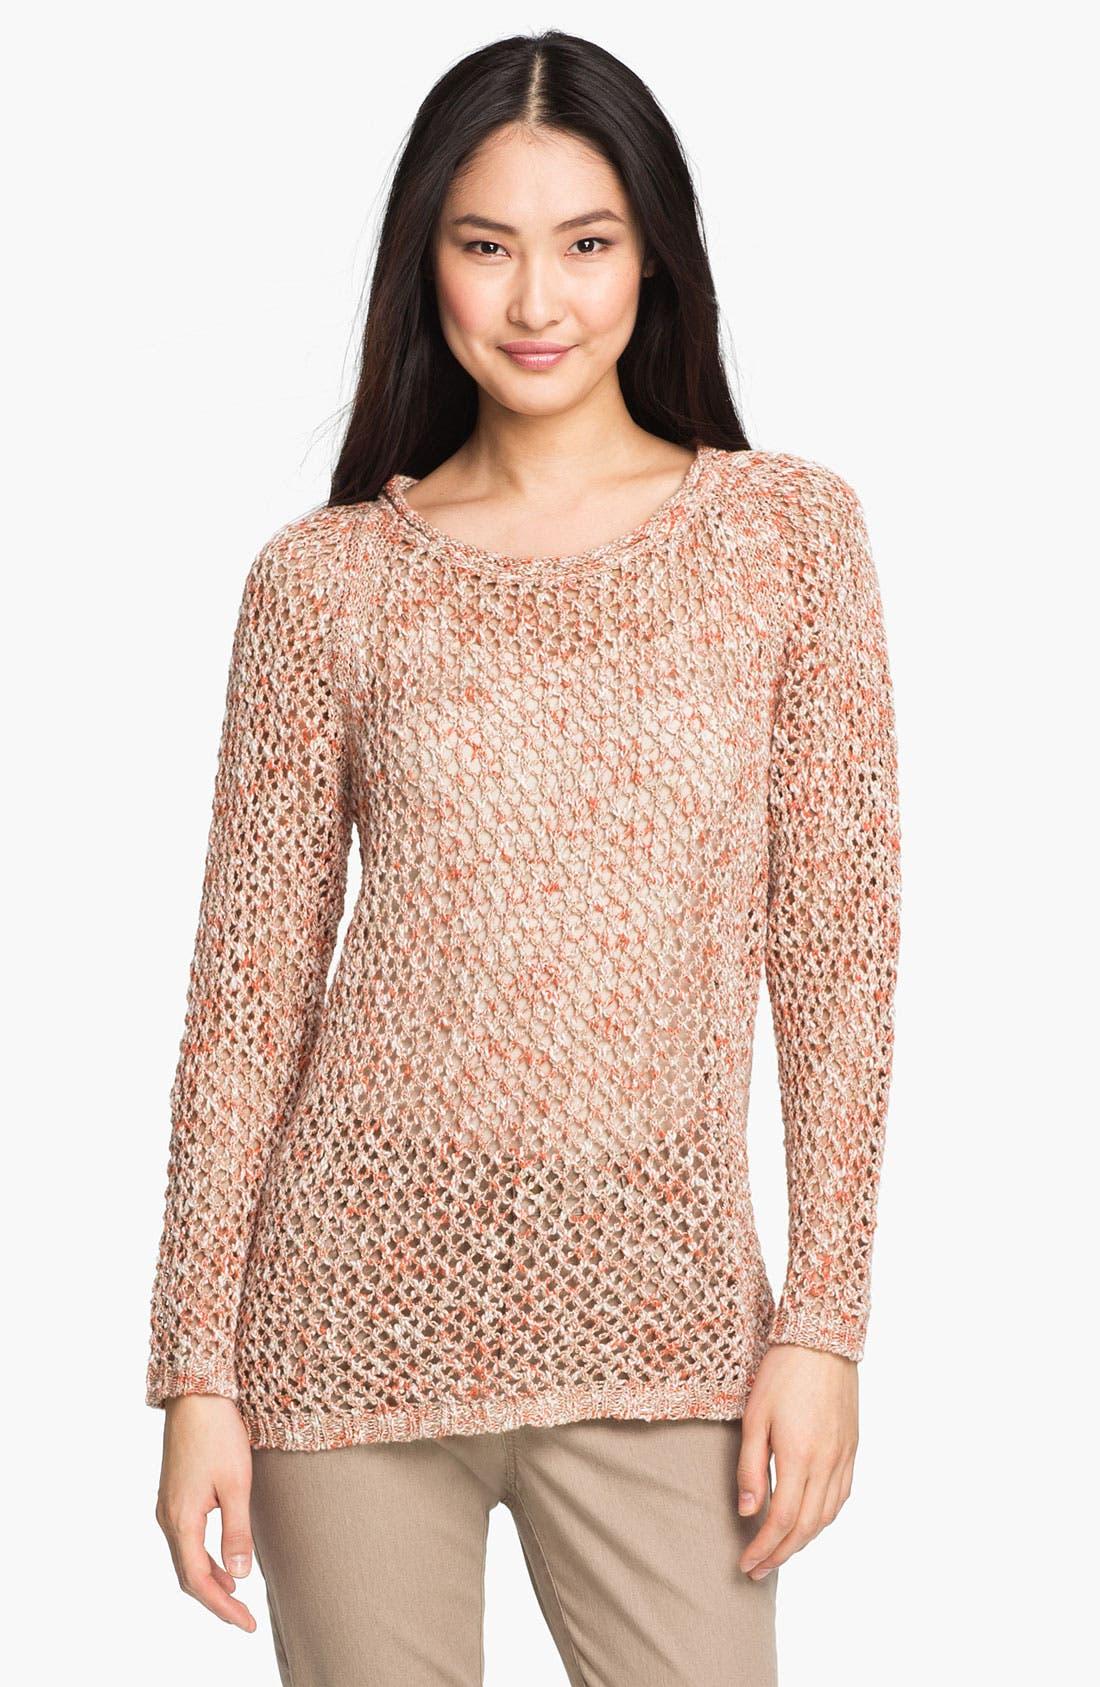 Main Image - Lafayette 148 New York Open Stitch Sweater